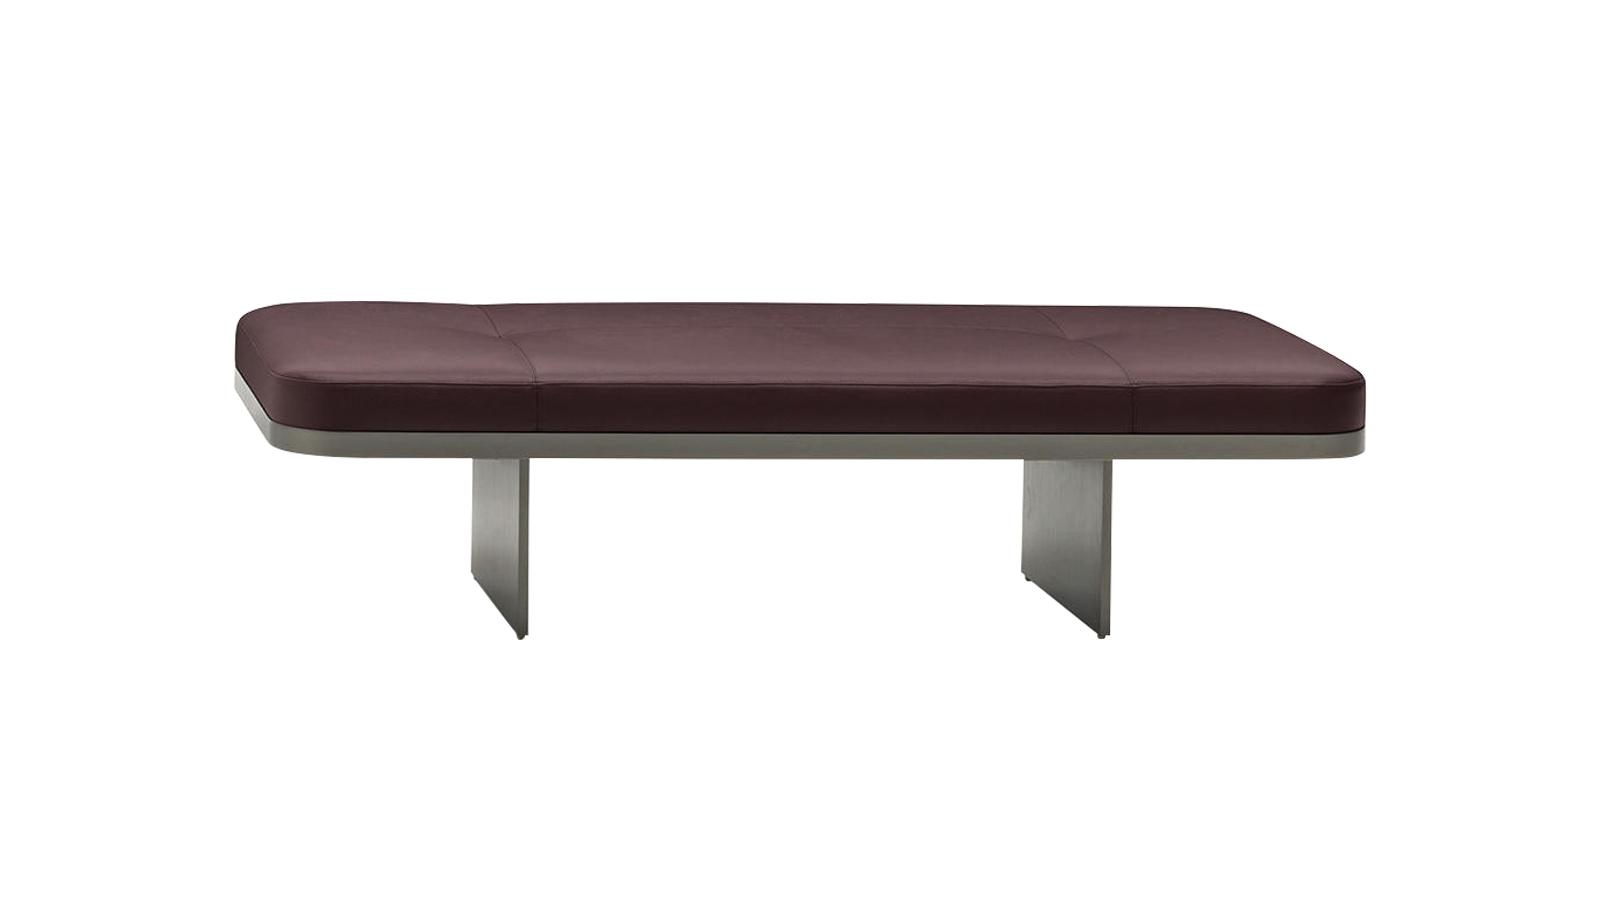 A Clive egy kárpitozott padokból álló sorozat, mely egyszerre sugároz luxust, valamint visszafogott minimalizmust. Ötféle különböző méretben és magasságban elérhető, és természetesen kárpitozását illetően is igen nagy a választási lehetőségünk, ennek köszönhetően a Clive otthonunk praktikus és stílusos bútora lehet.